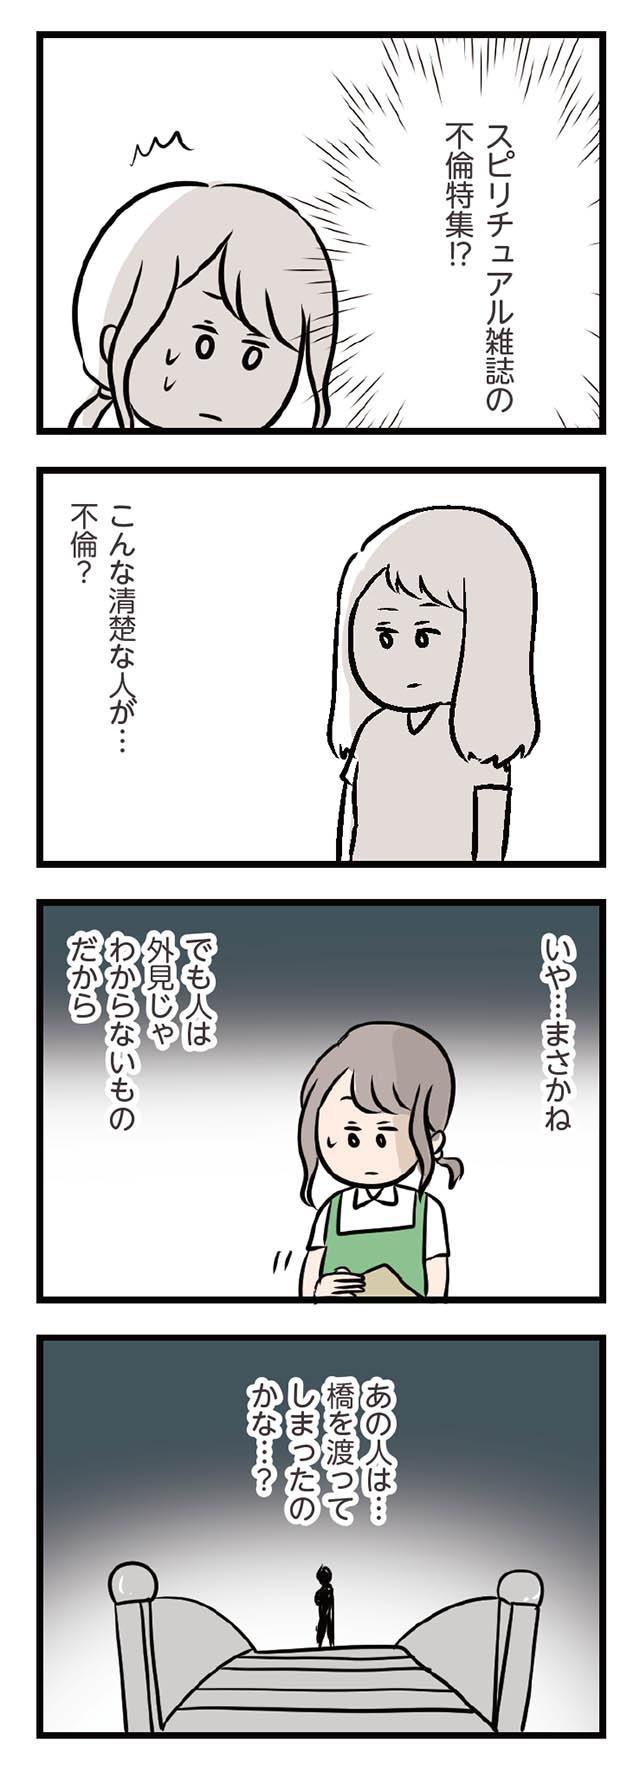 わぁ 落ち着く う な いきなり